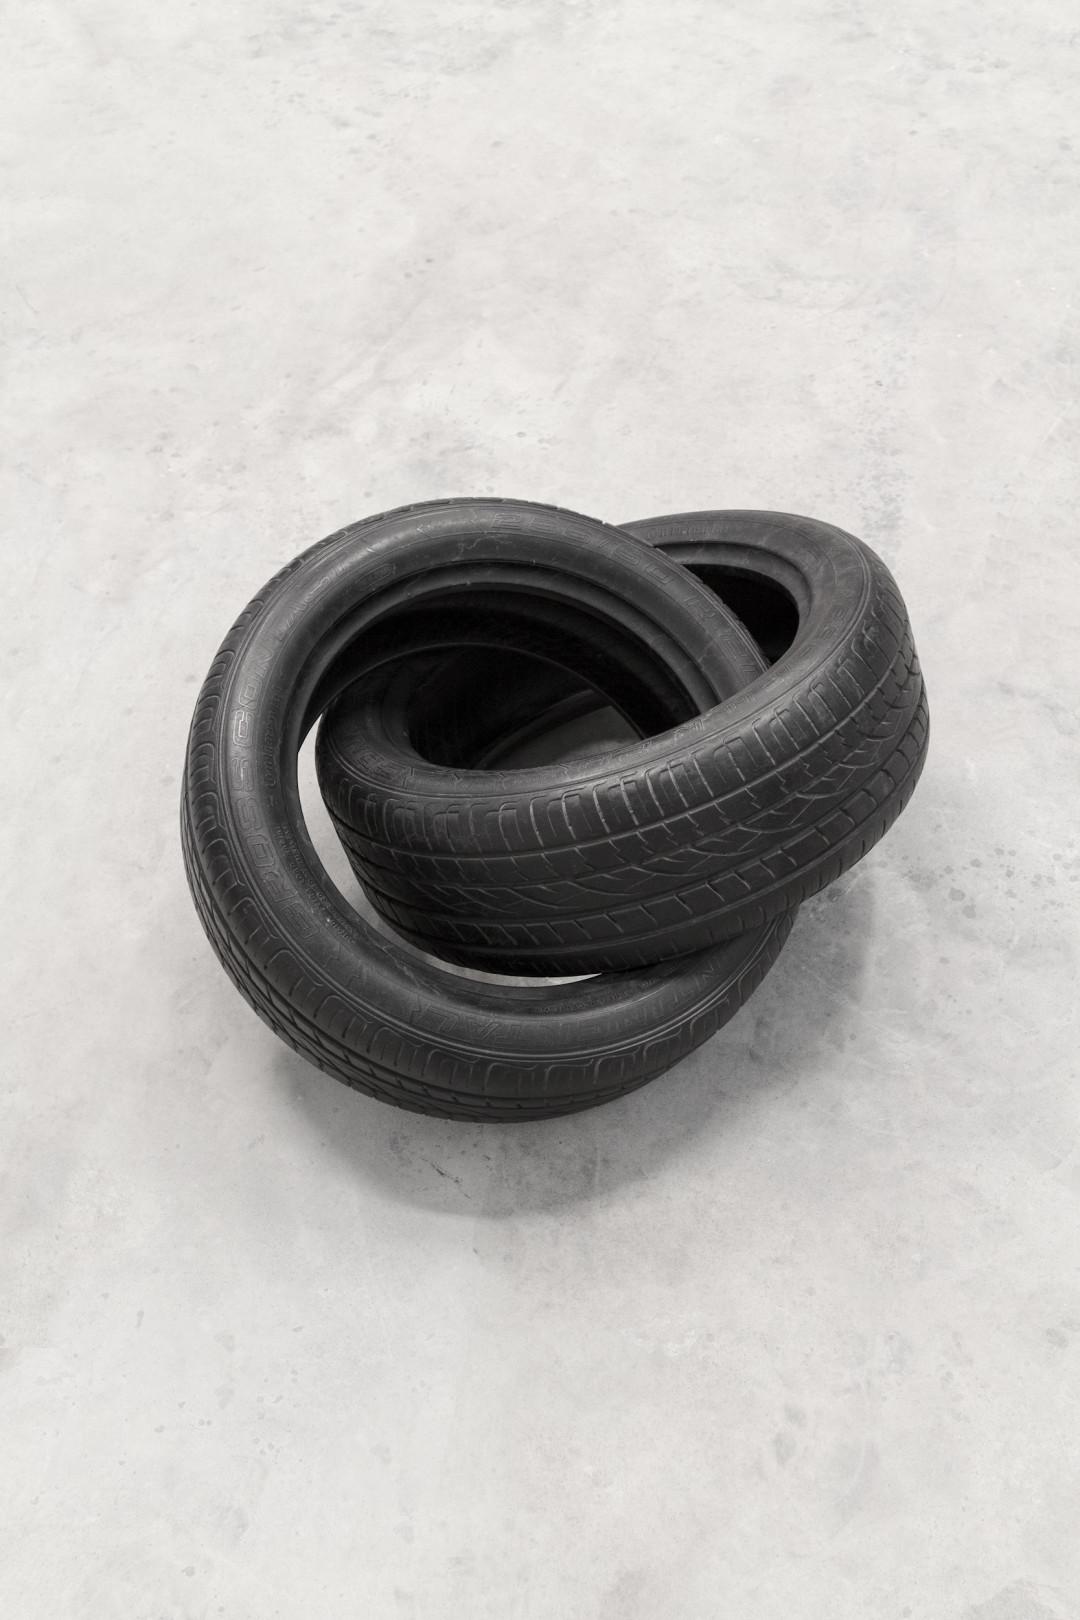 infinito-2017-marmo-nero-cm-50x96x77-8812